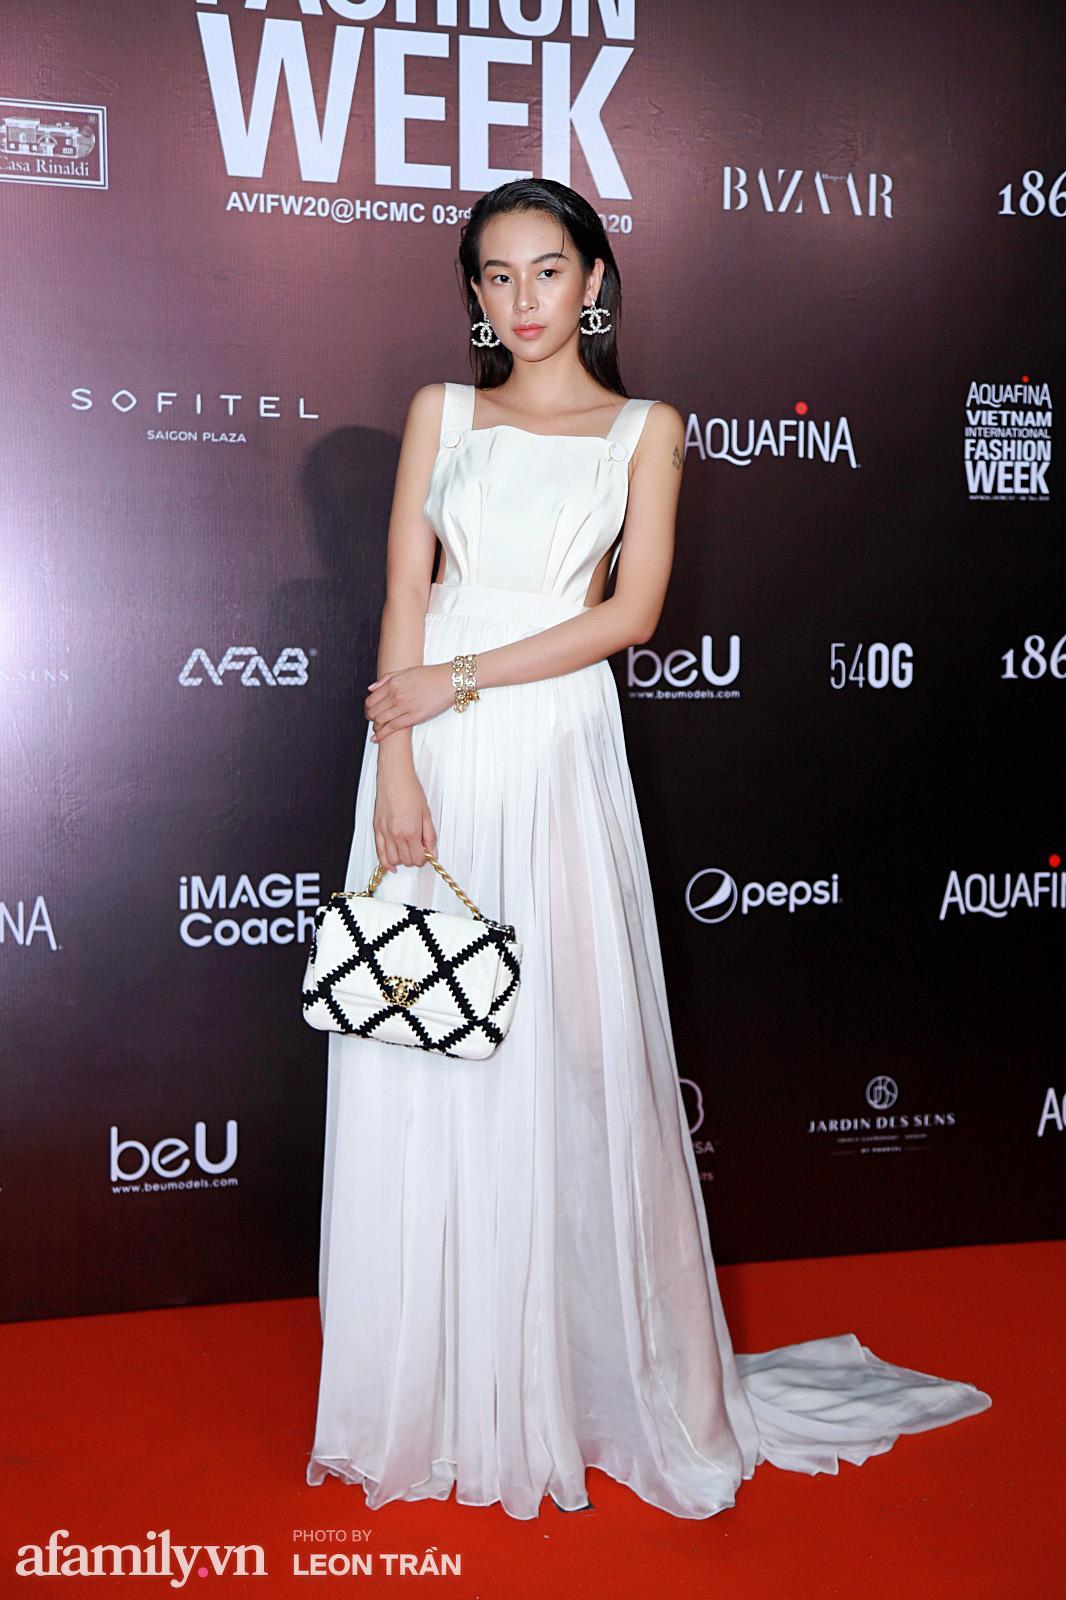 """Thảm đỏ Aquafina Vietnam International Fashion Week 2020: Nóng """"bỏng mắt"""" với màn phô diễn vòng 1 của Hoàng Thùy và Võ Hoàng Yến - Ảnh 20."""